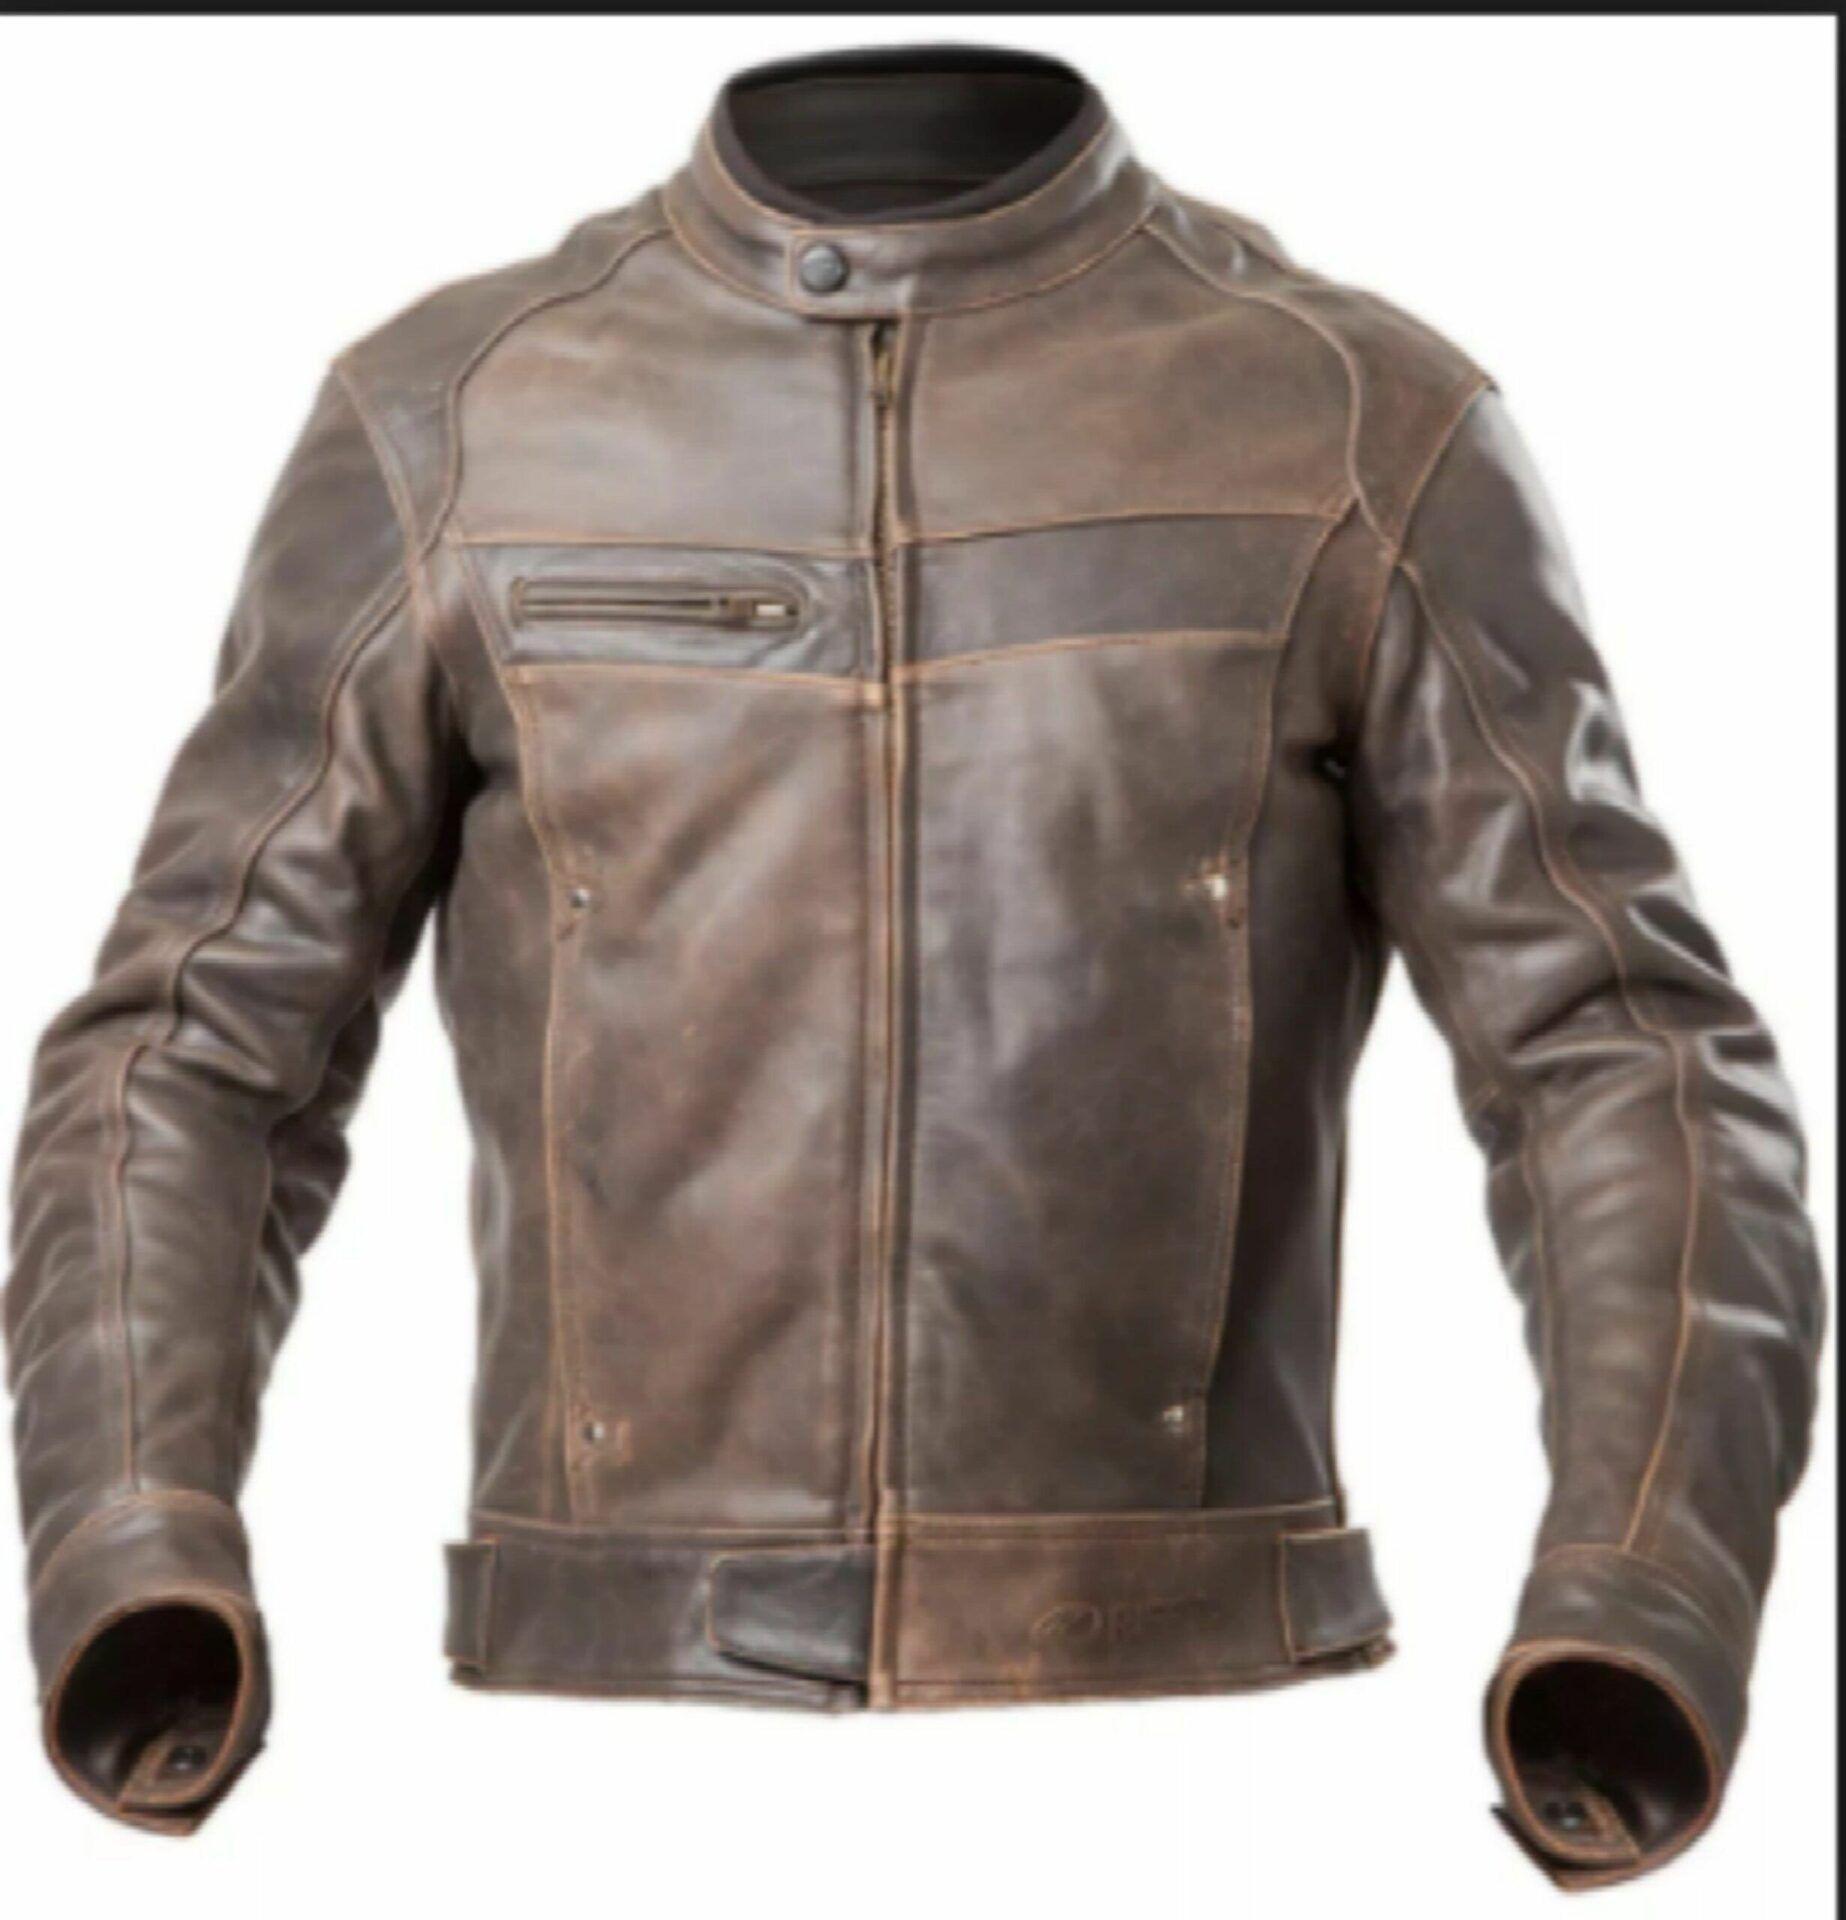 Ajustar ou reformar a jaqueta de couro?